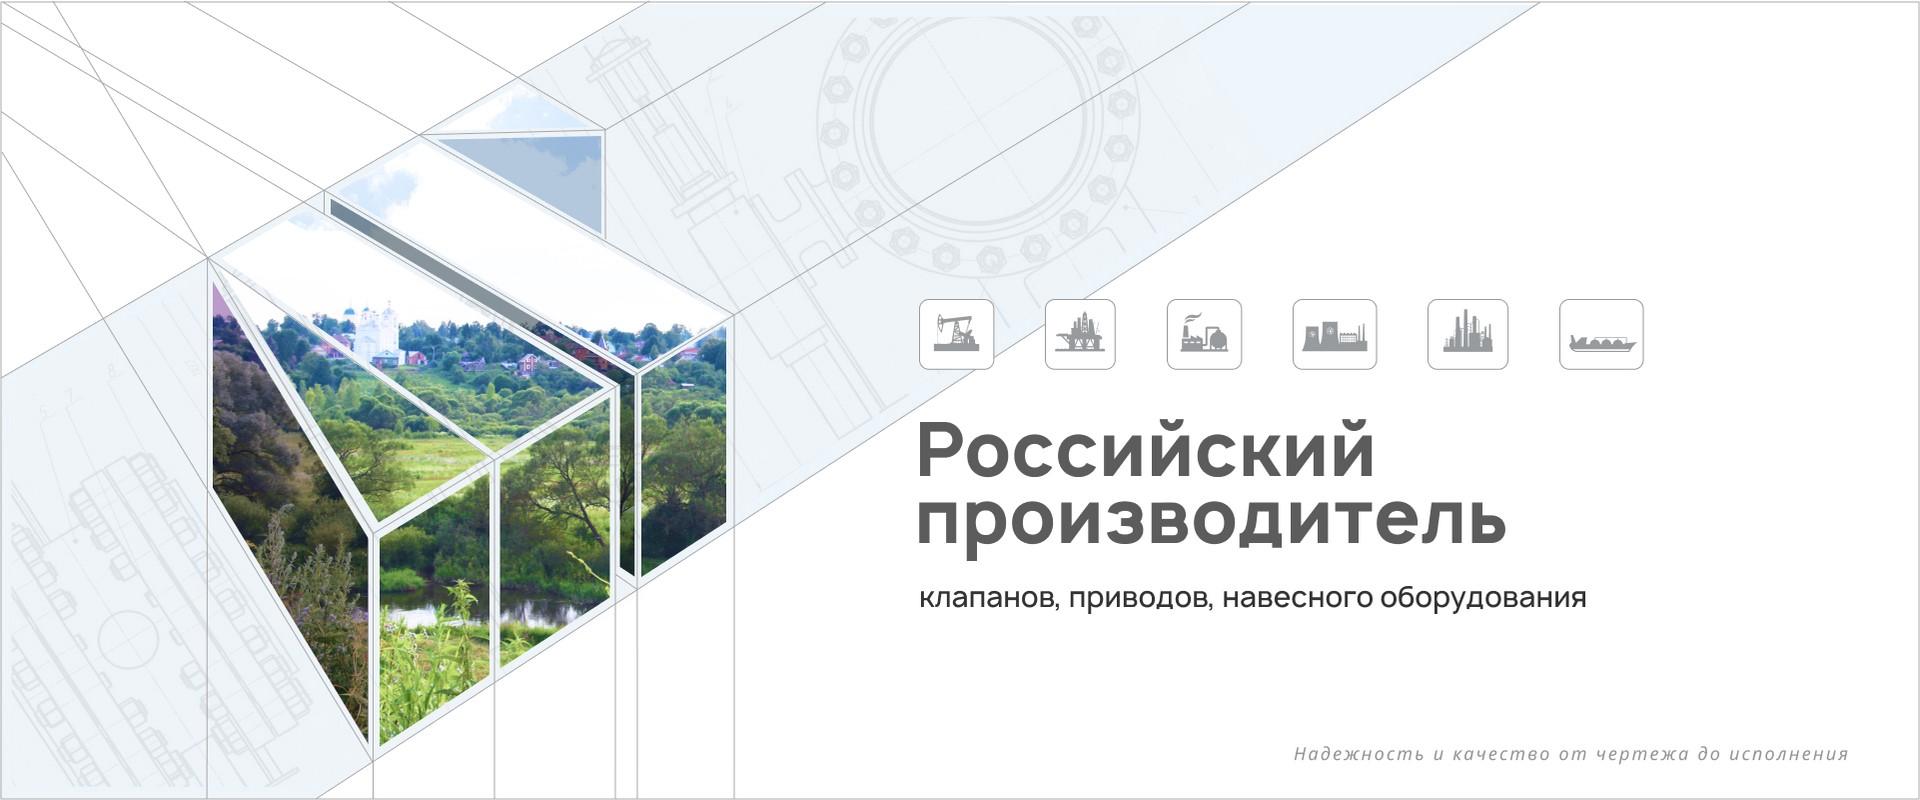 ЛГ автоматика - реальный российский производитель клапанов. Все технологические операции выполняются российскими специалистами